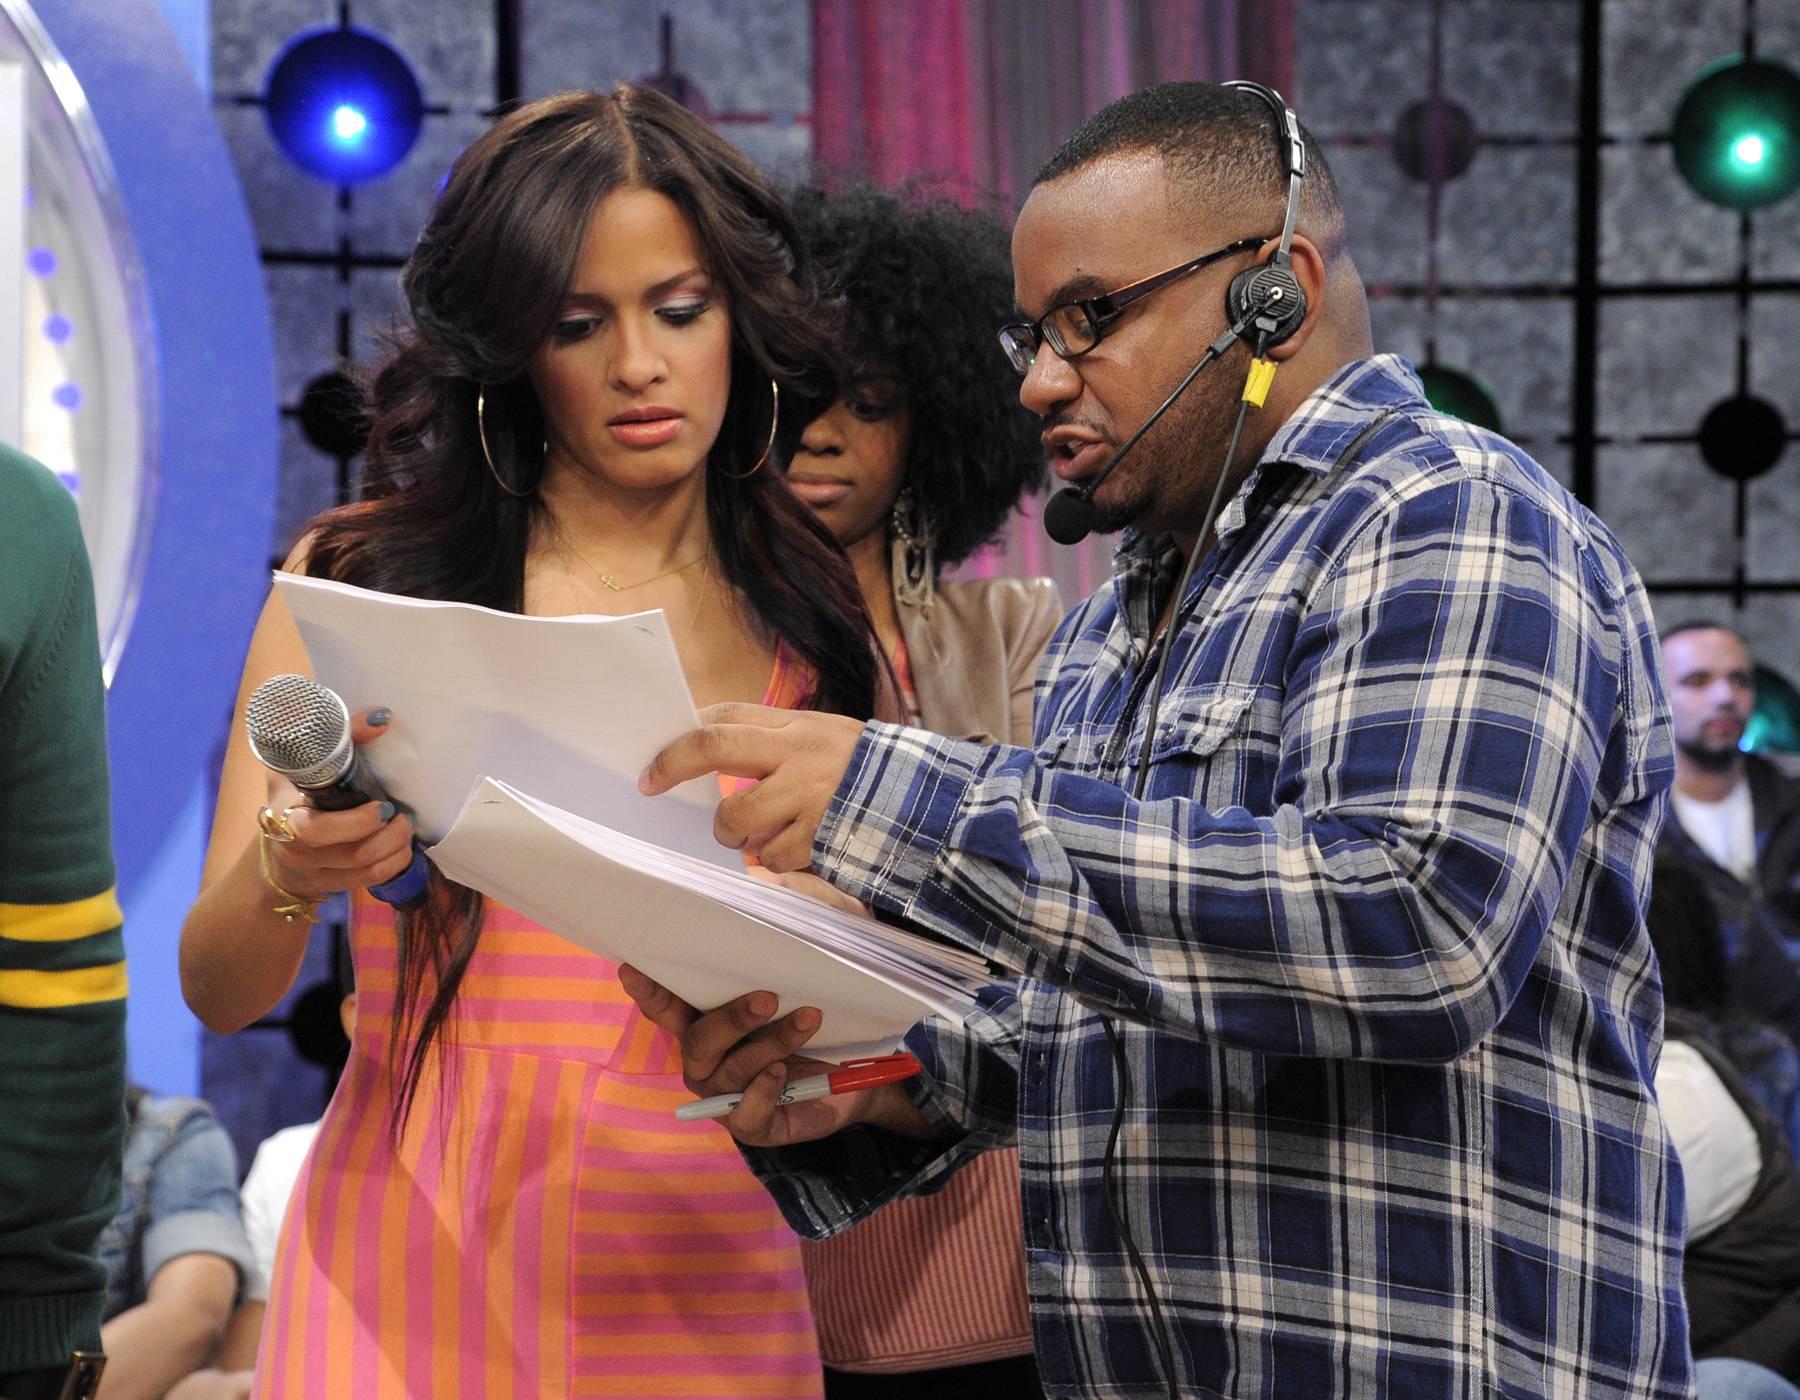 I Get It - Rocsi Diaz go over script during a commercial break at 106 & Park, April 12, 2012. (Photo: John Ricard / BET)